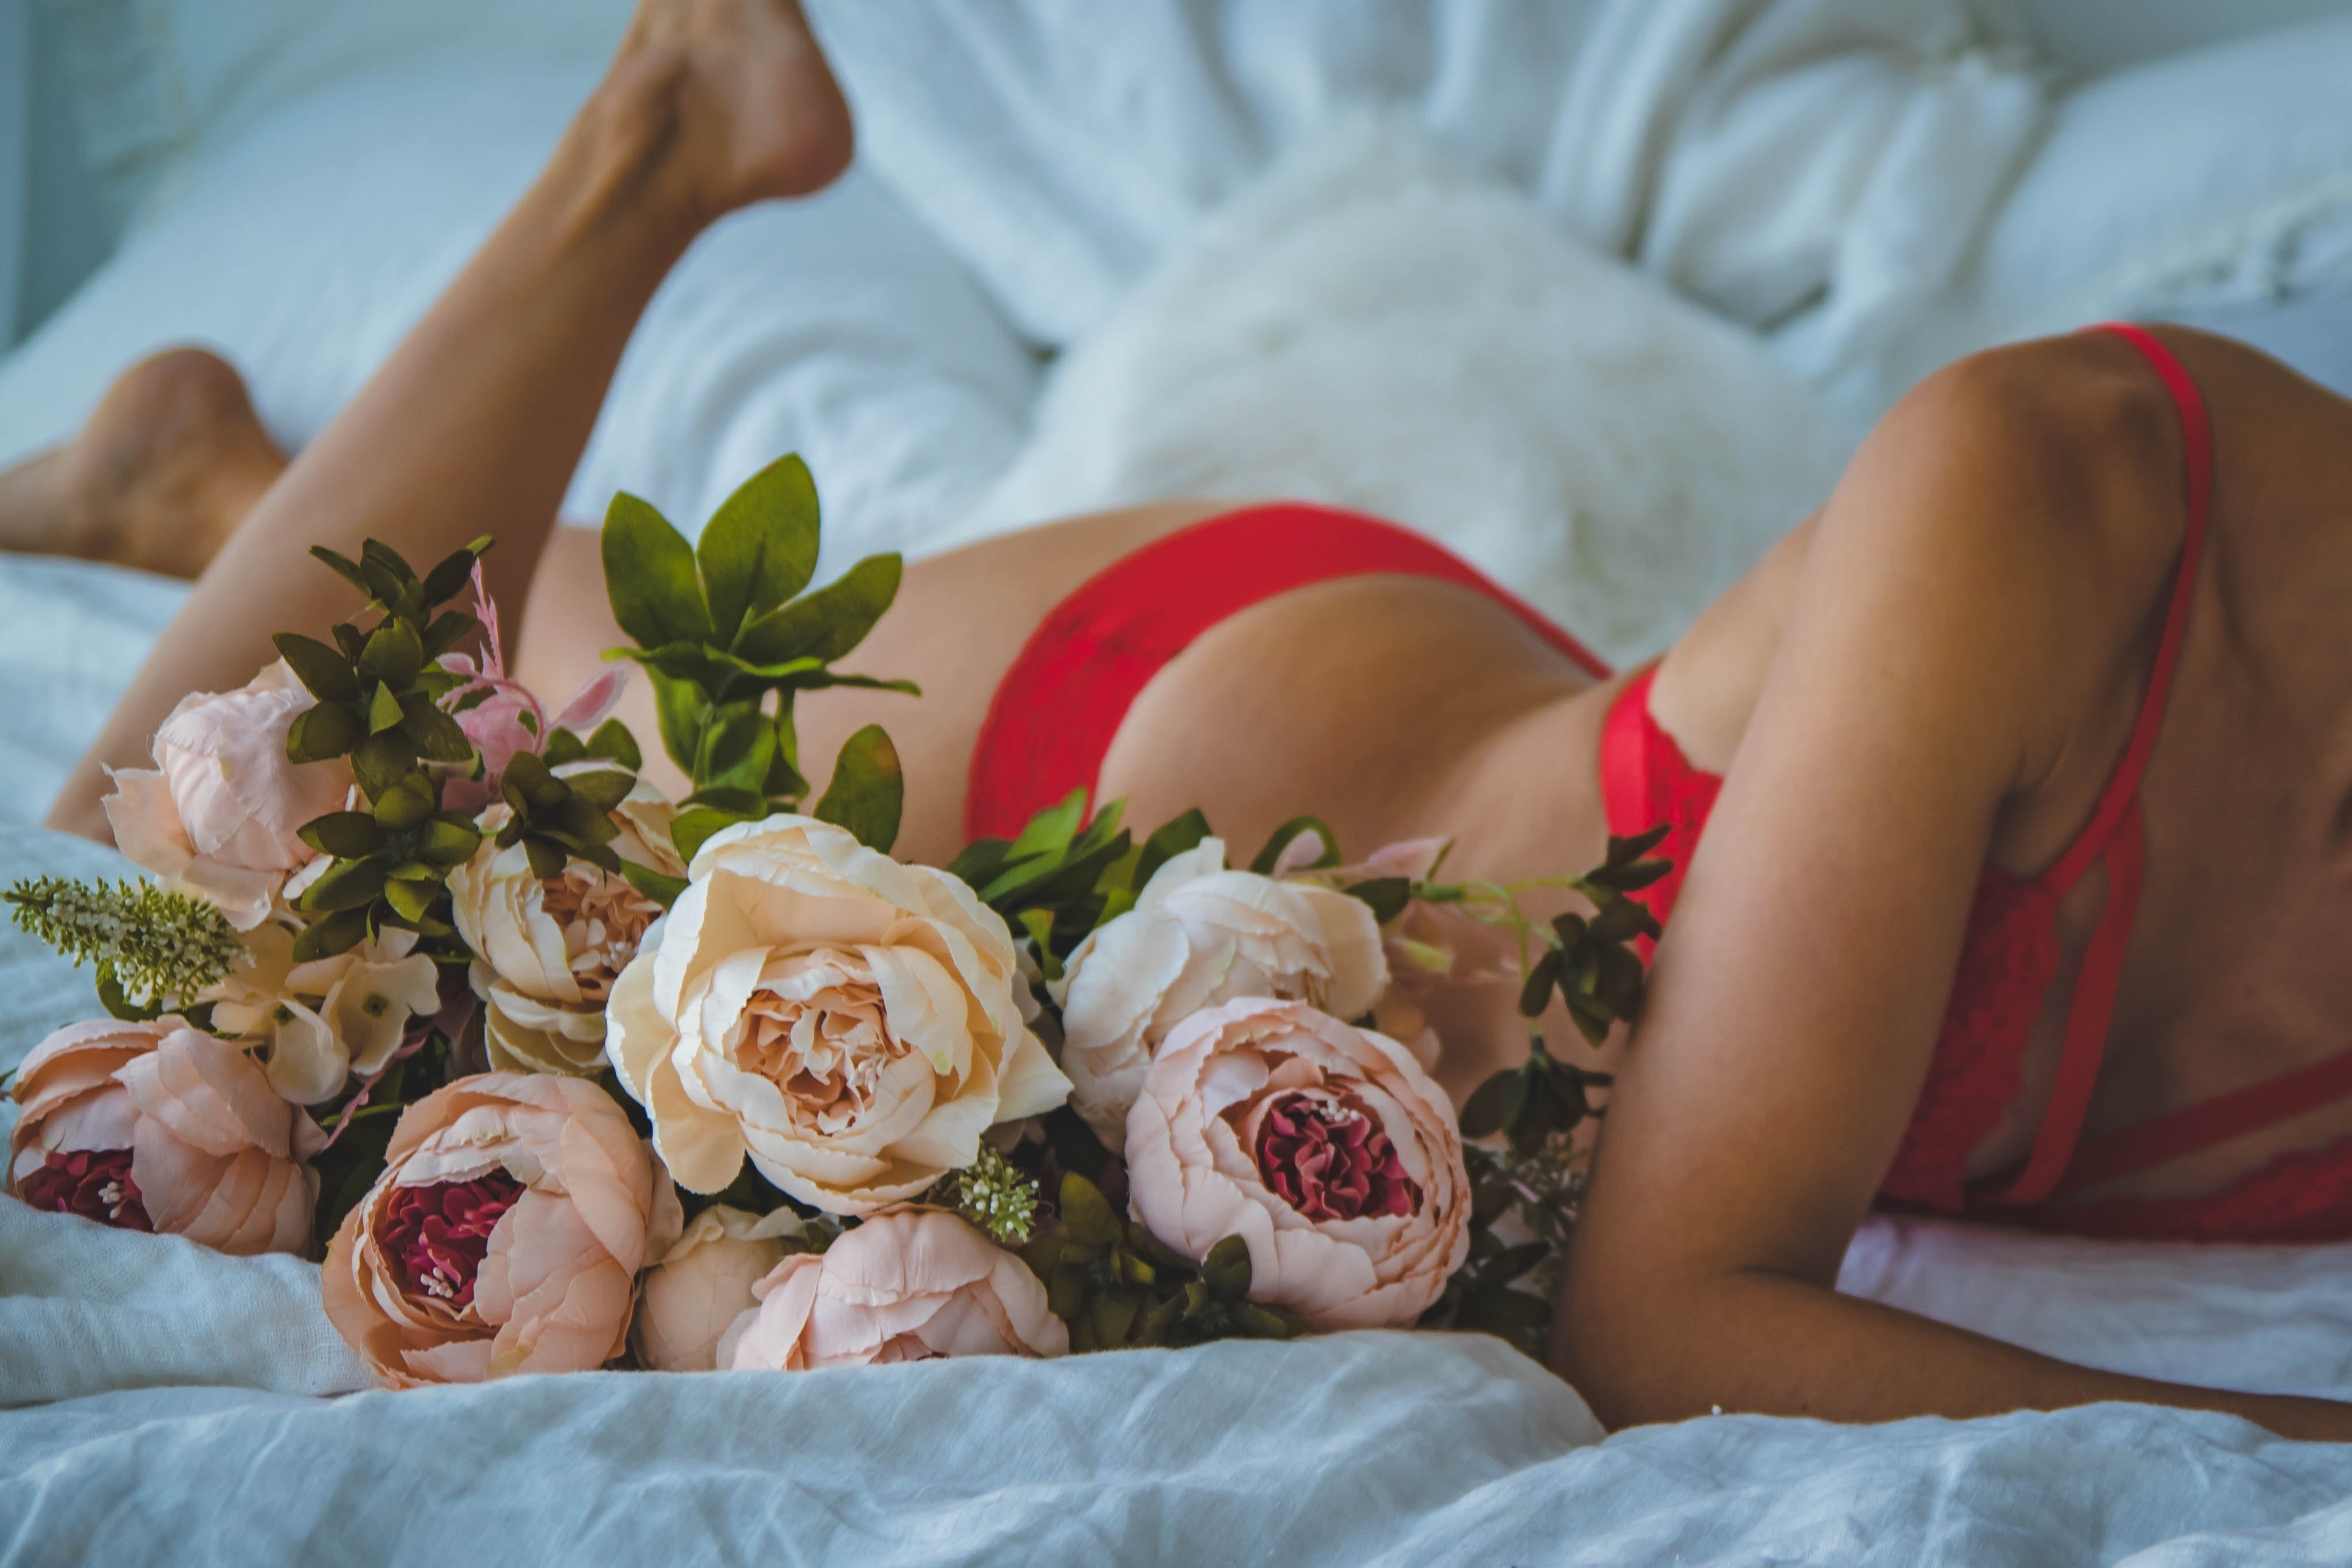 Сколько вам нужно любви для полного счастья: спросили у сексотерапевта